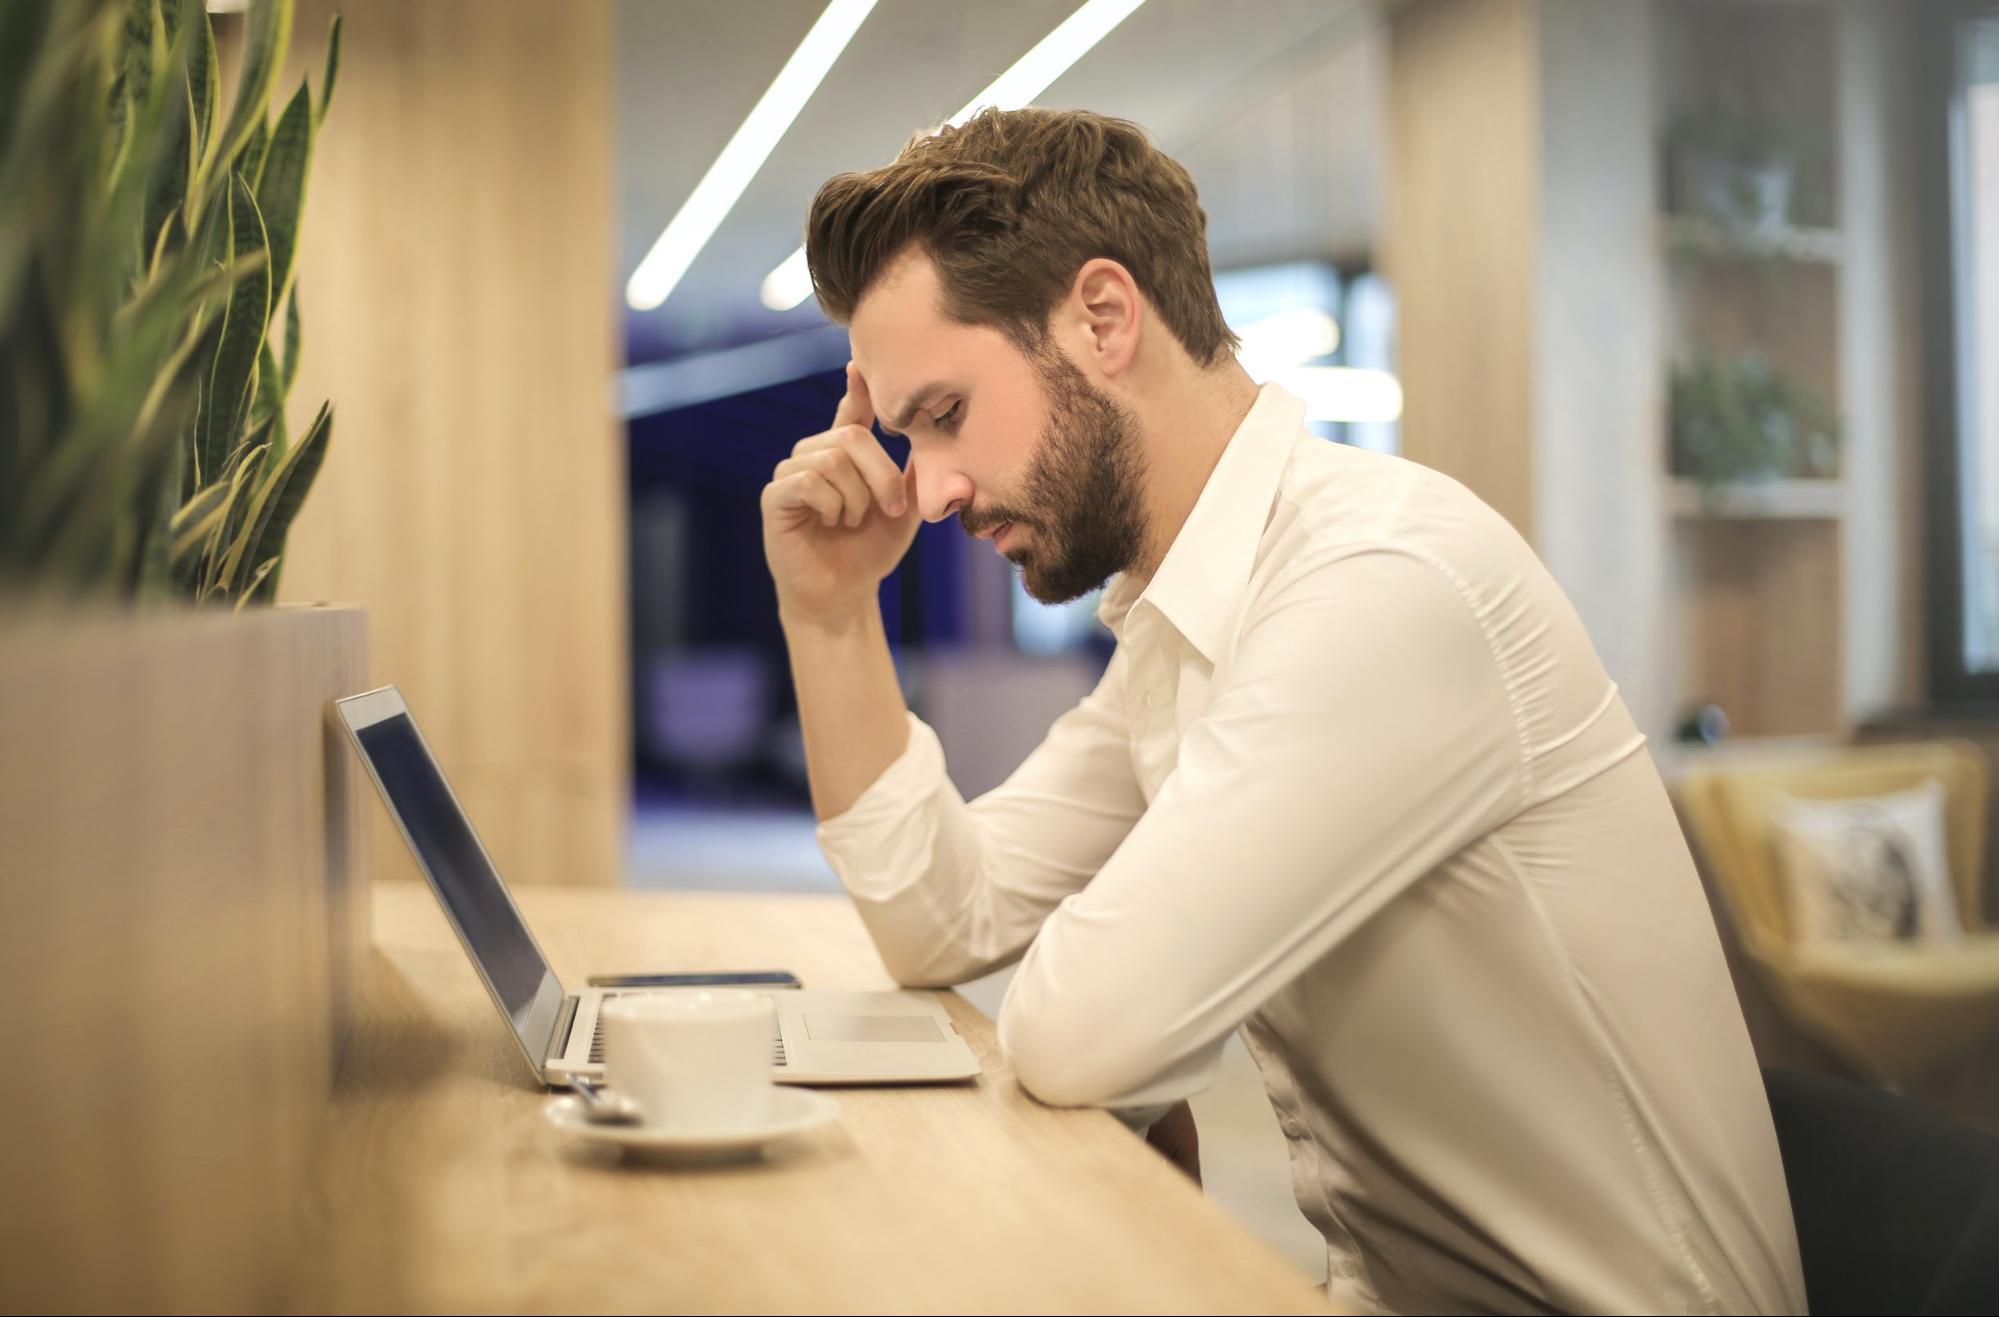 risques psychosociaux travail